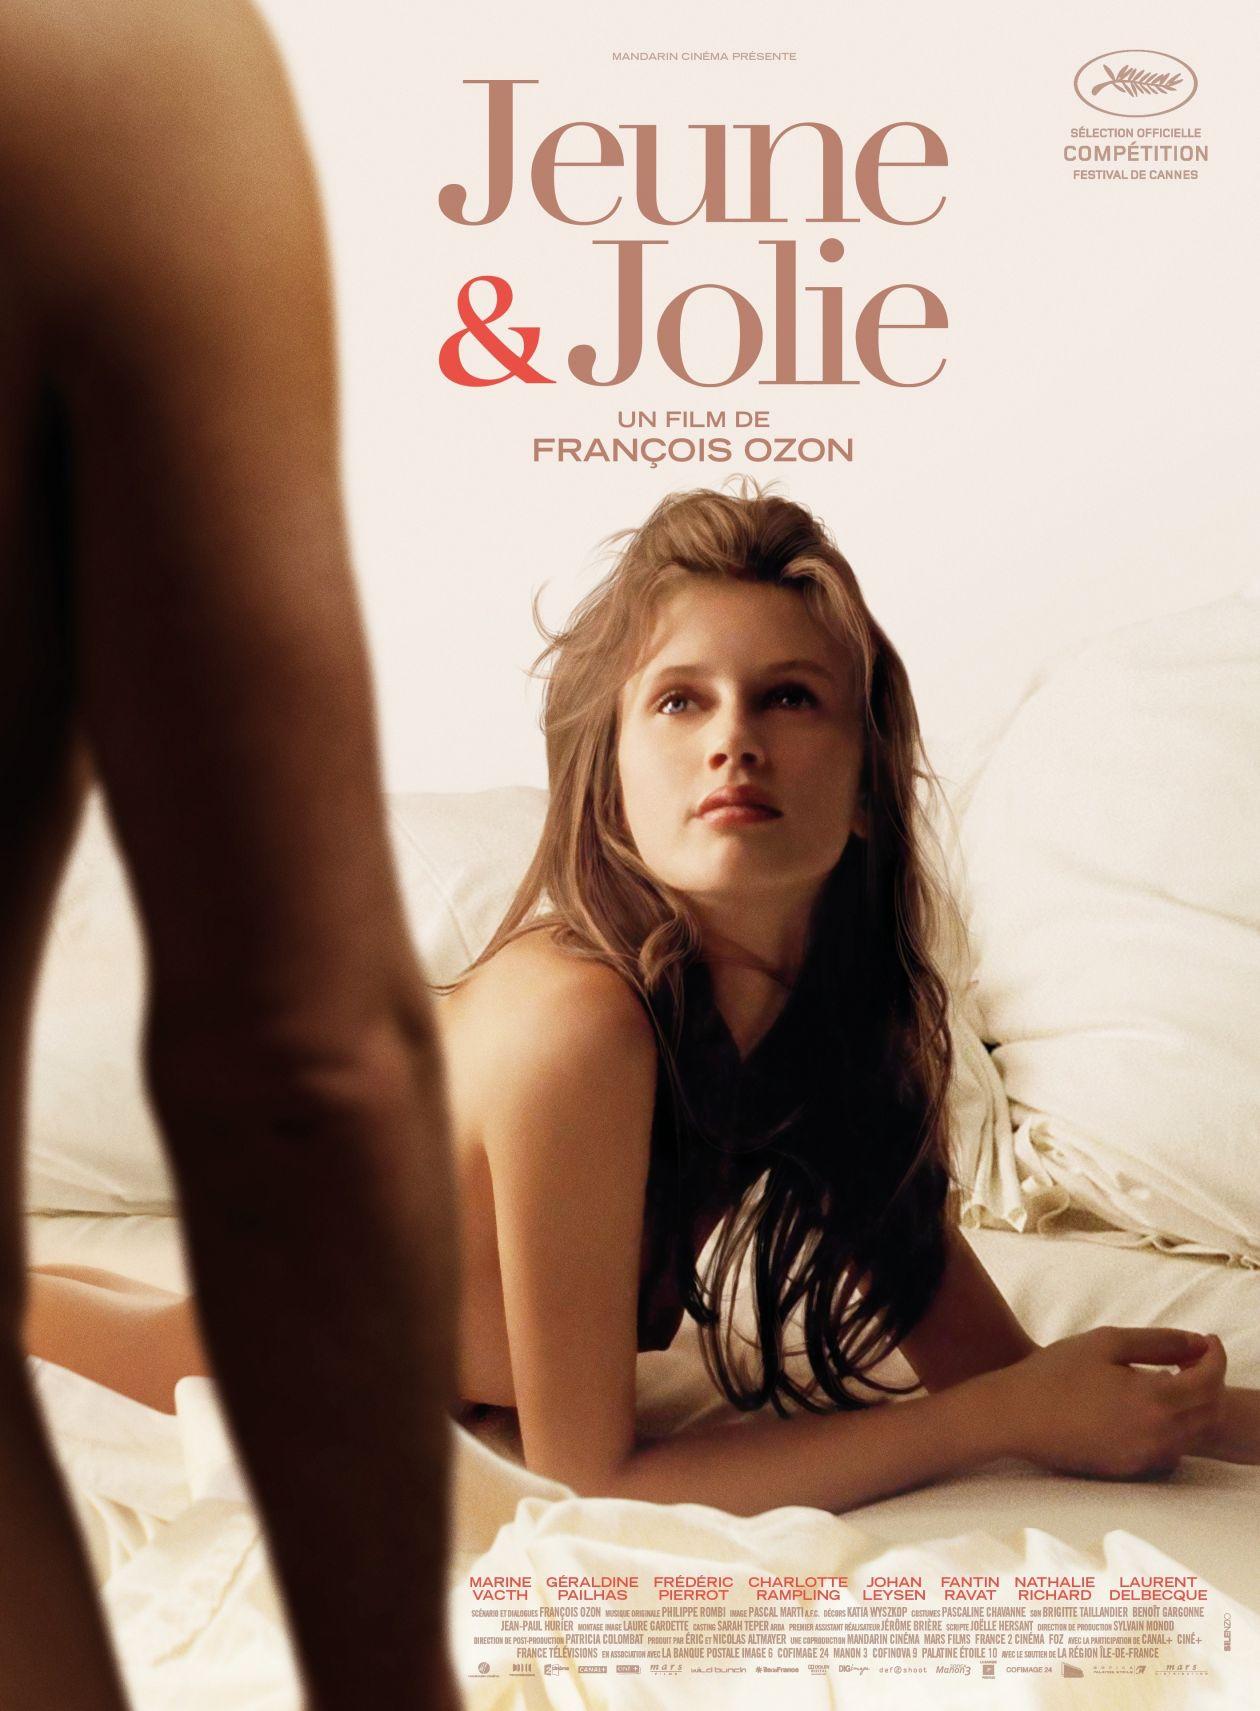 Marine Vacth actress actrice comédienne | Jeune et Jolie / François OZON 2013 Movie Poster Affiche film